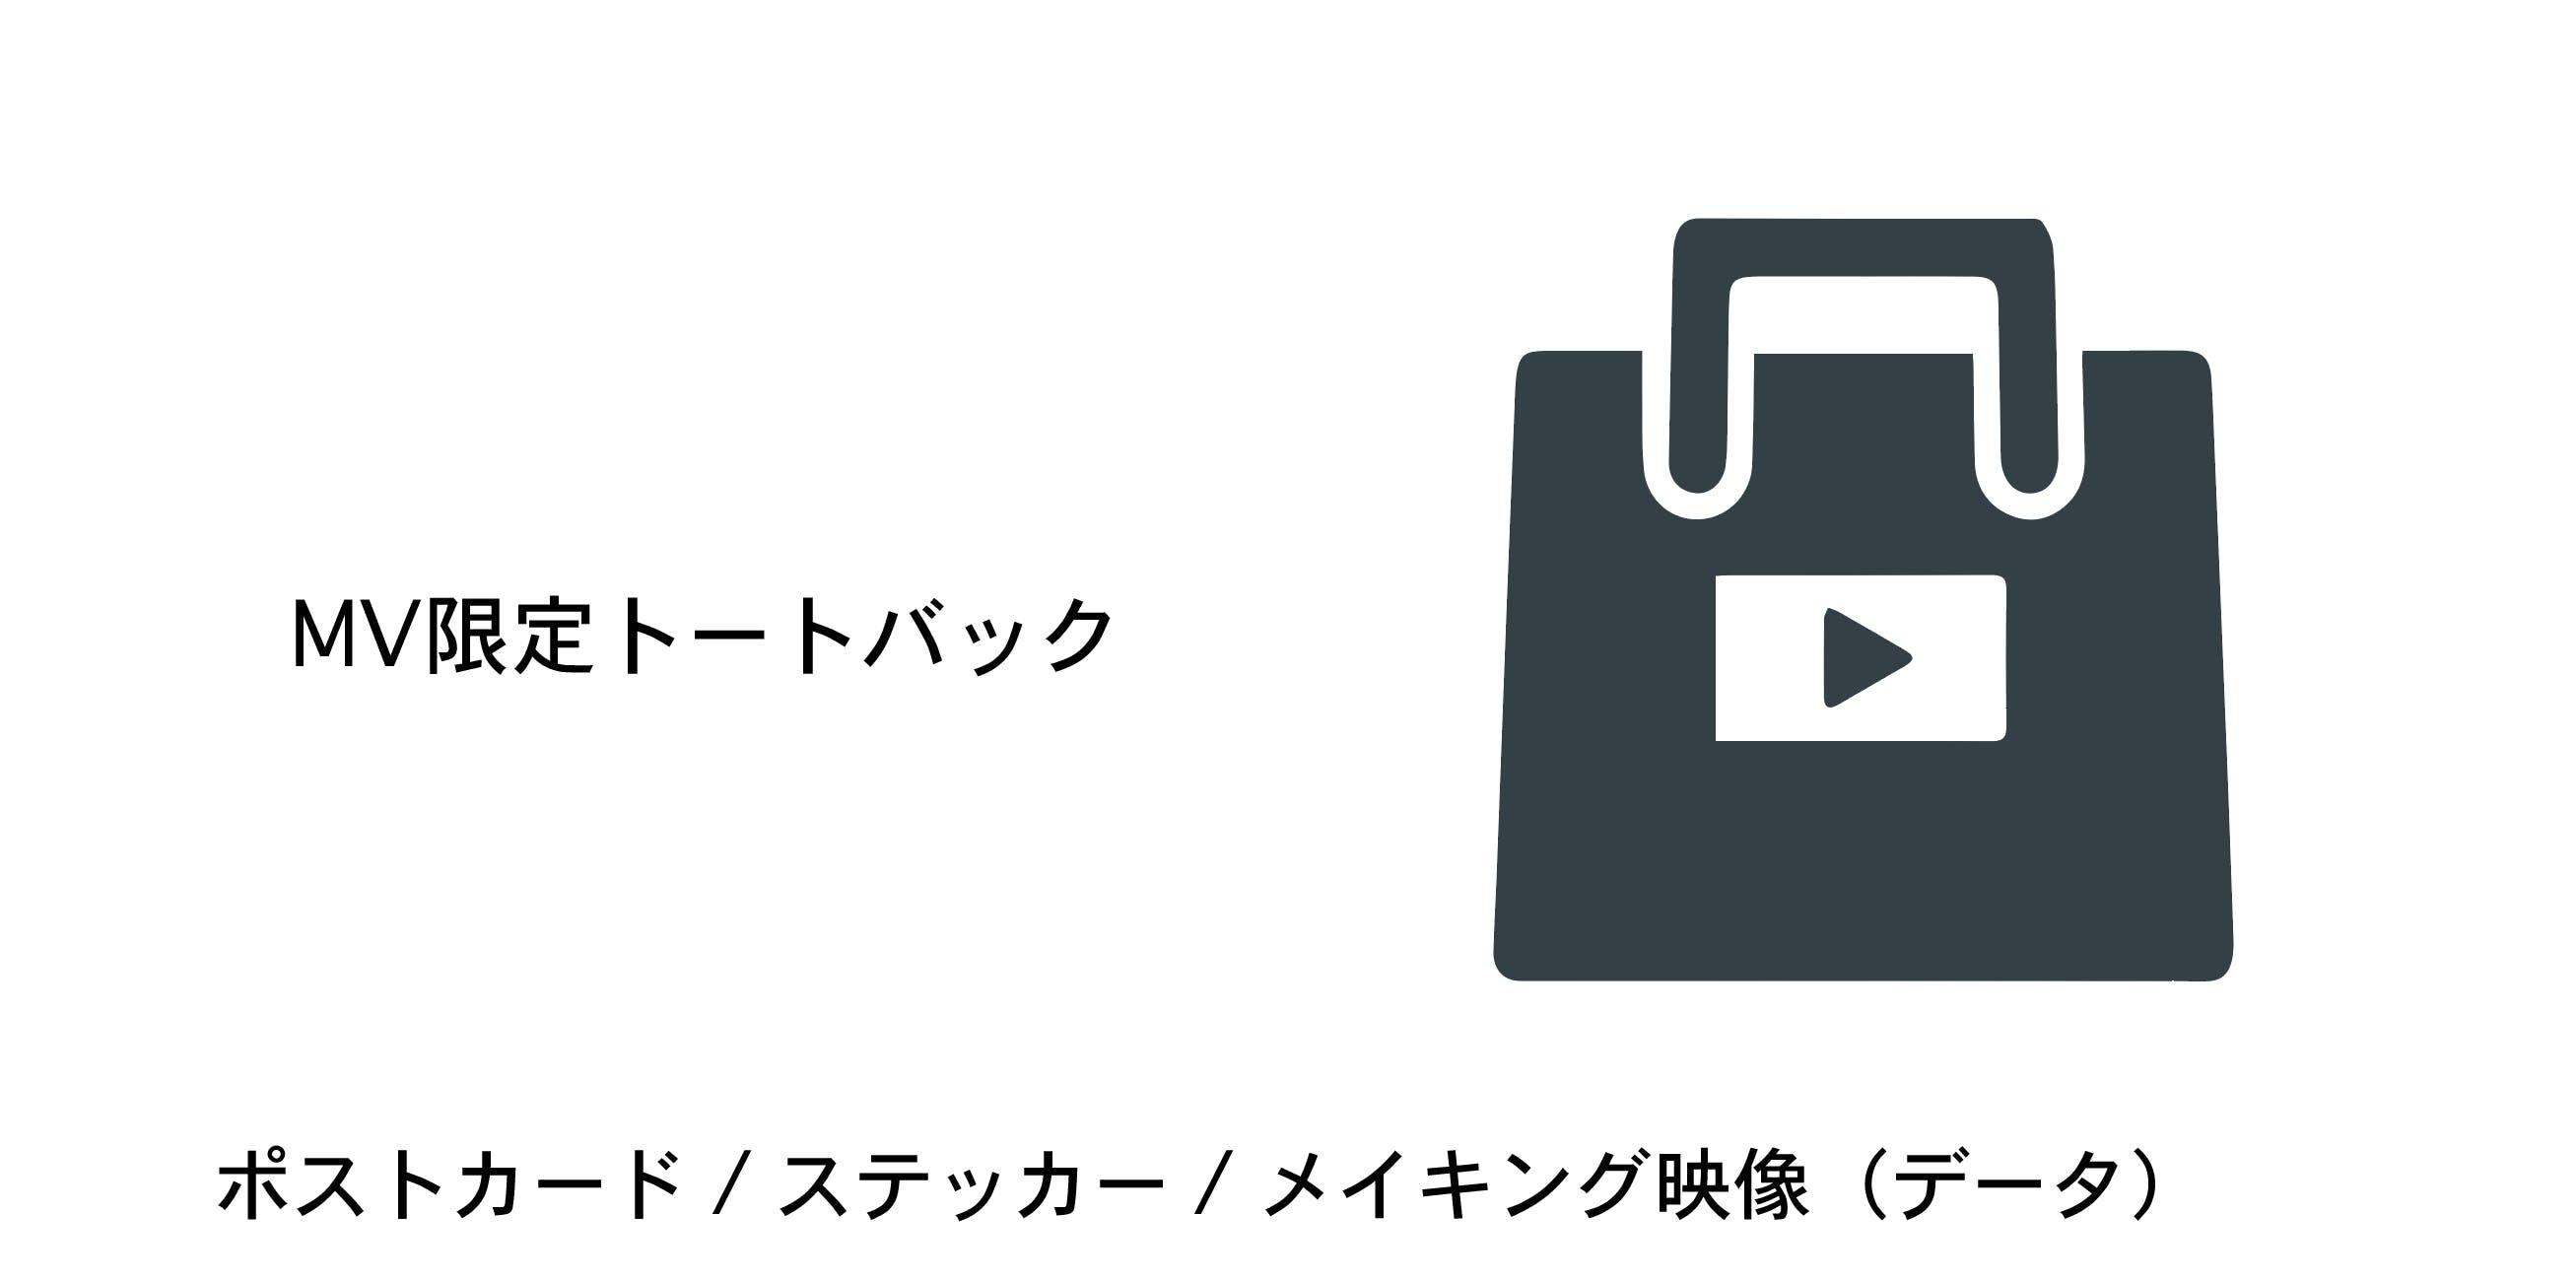 スクリーンショット 2018 09 23 21.18.28